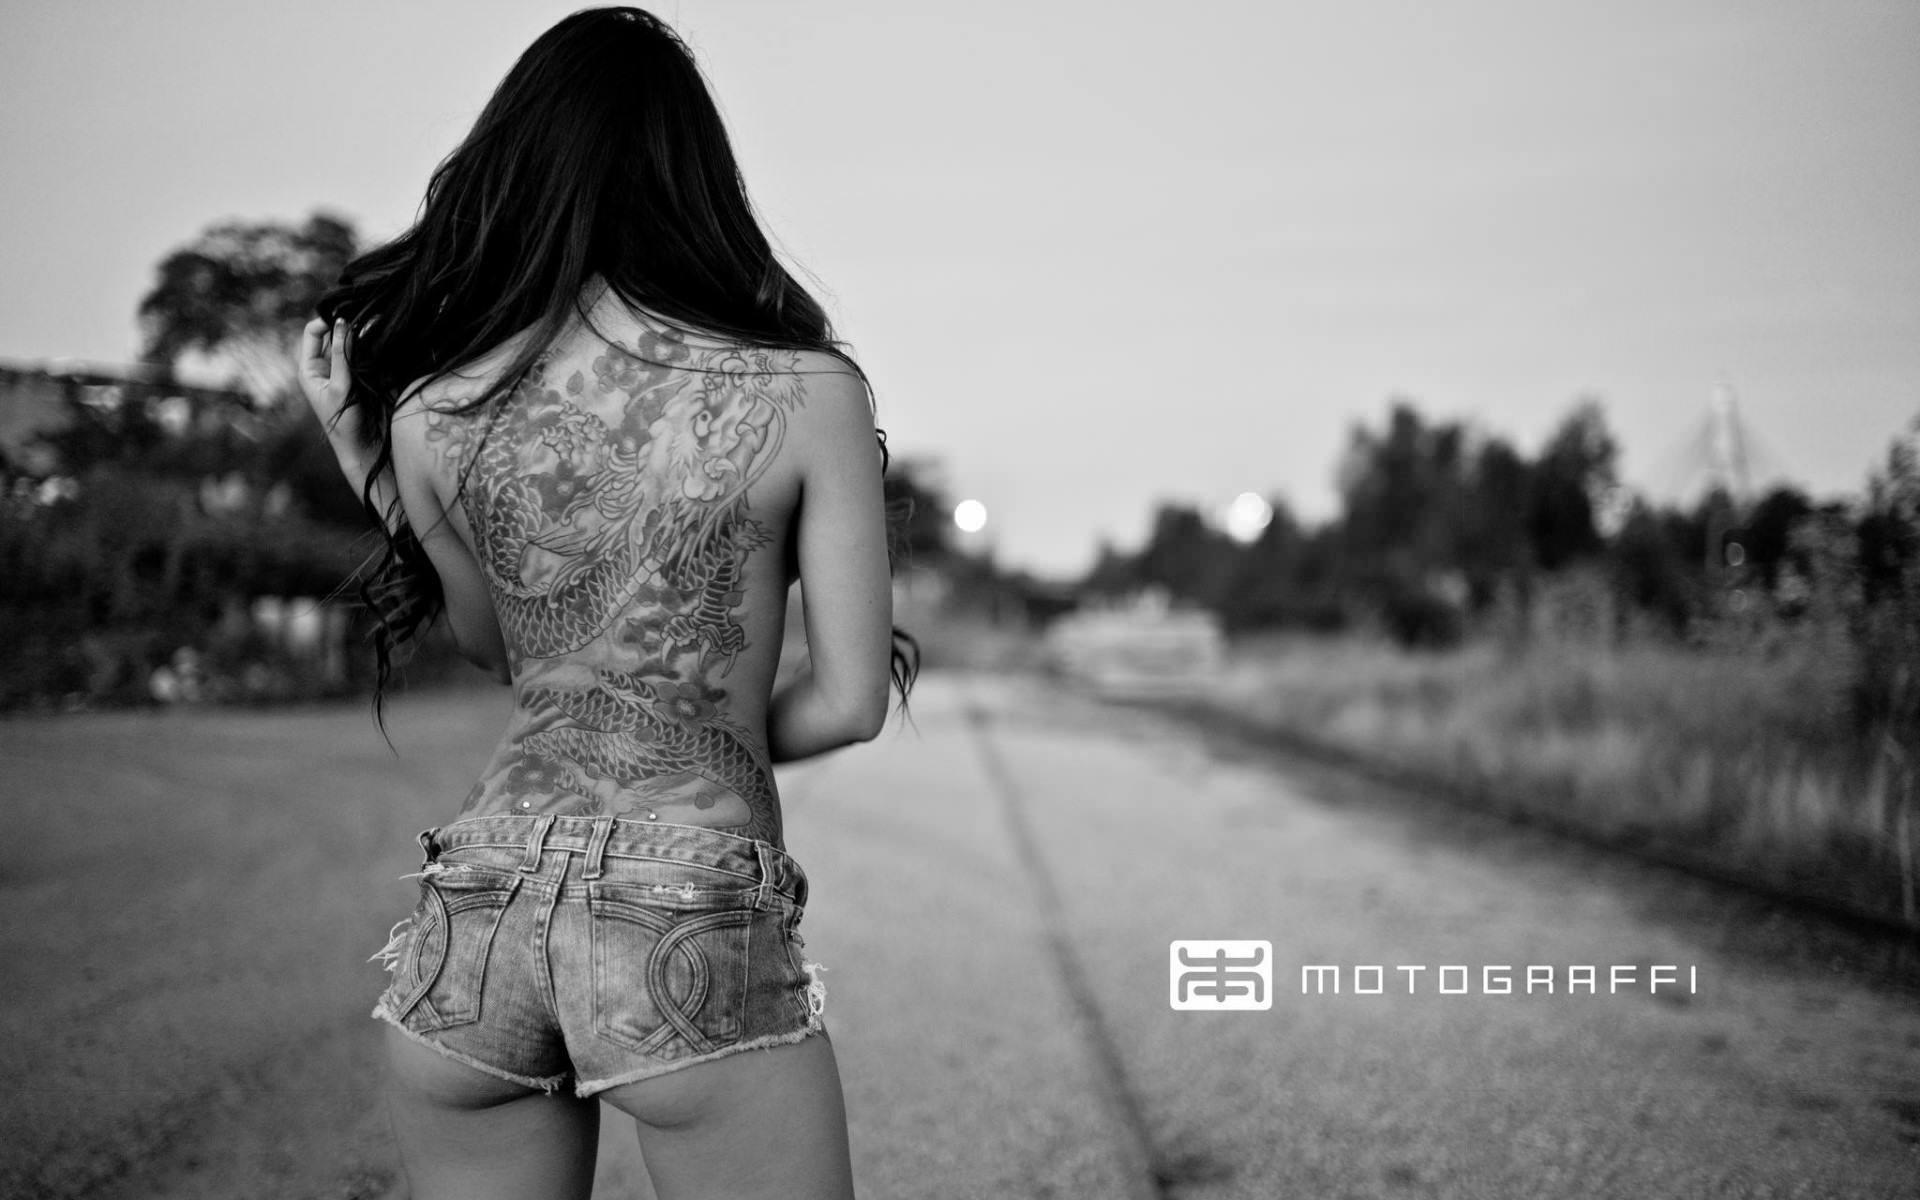 Фото Вся спина в тату, брюнетка в коротких шортиках на дорогу, скачать картинку бесплатно